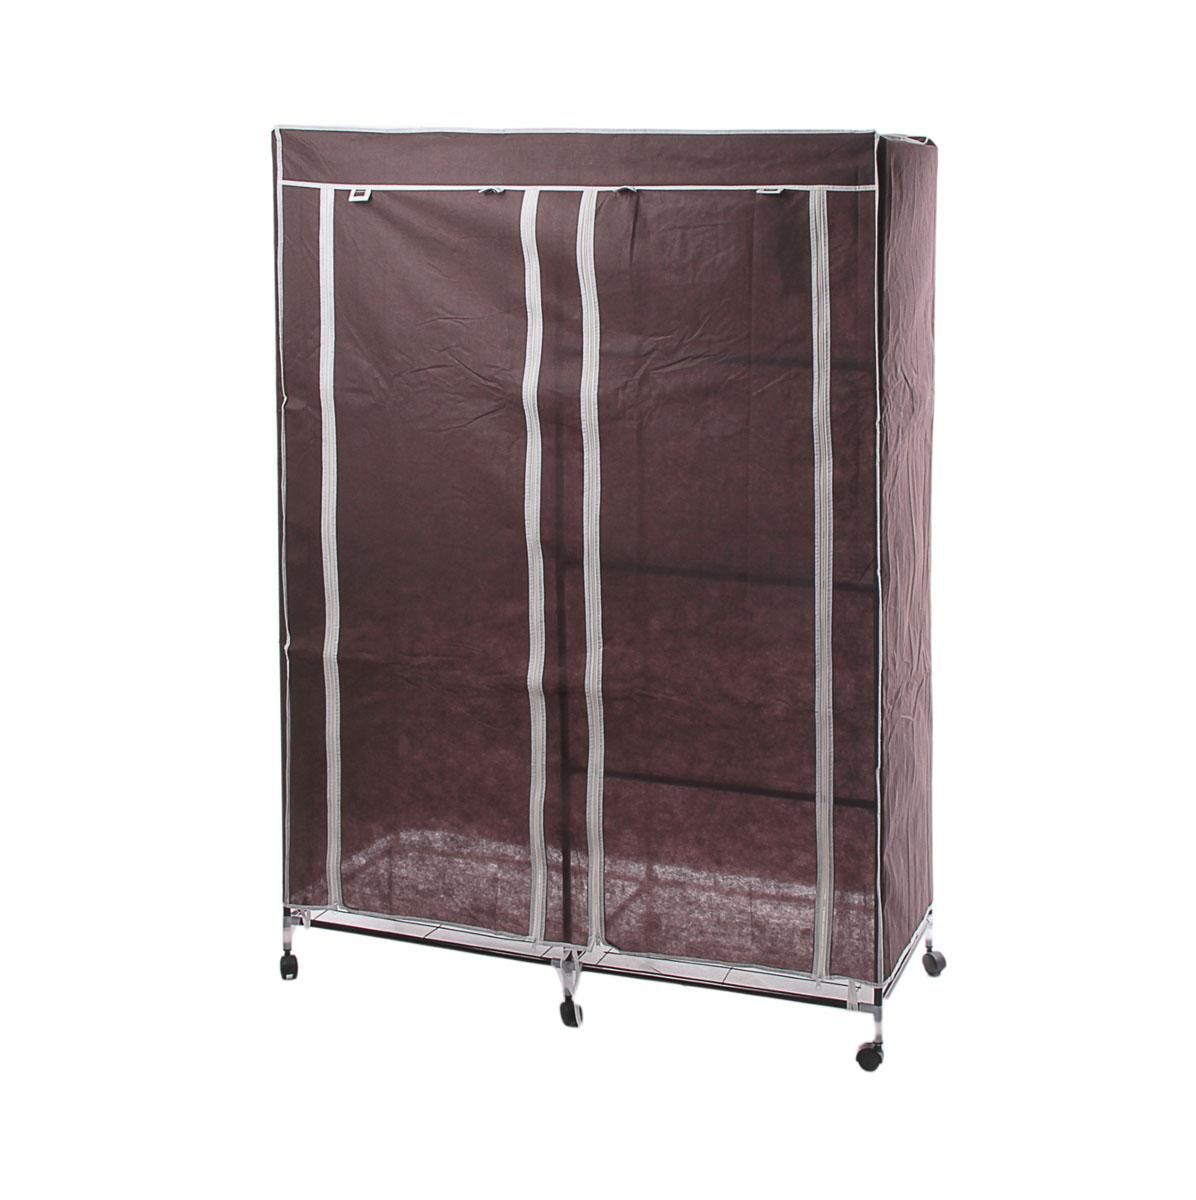 Мобильный шкаф для одежды Sima-land, цвет: коричневый, 120 х 50 х 175 см 1789220615990HL5Мобильный шкаф для одежды Sima-land, предназначенный для хранения одежды и других вещей, это отличное решение проблемы, когда наблюдается явный дефицит места или есть временная необходимость. Складной тканевый шкаф - это мобильная конструкция, состоящая из сборного металлического каркаса, на который натянут чехол из нетканого полотна. Корпус шкафа сделан из легкой, но прочной стали, а обивка из полиэстера, который можно легко стирать в стиральной машинке. Шкаф оснащен двумя отделами с текстильными дверями, которые закрываются на застежки-молнии. Чтобы открыть шкаф вы можете скрутить двери и зафиксировать их наверху с помощью ремешков на липучках. В одном отделе присутствует перекладина для хранения вещей на вешалках, во втором отделе - 3 вместительные полки. Изделие снабжено колесиками для удобной транспортировки.